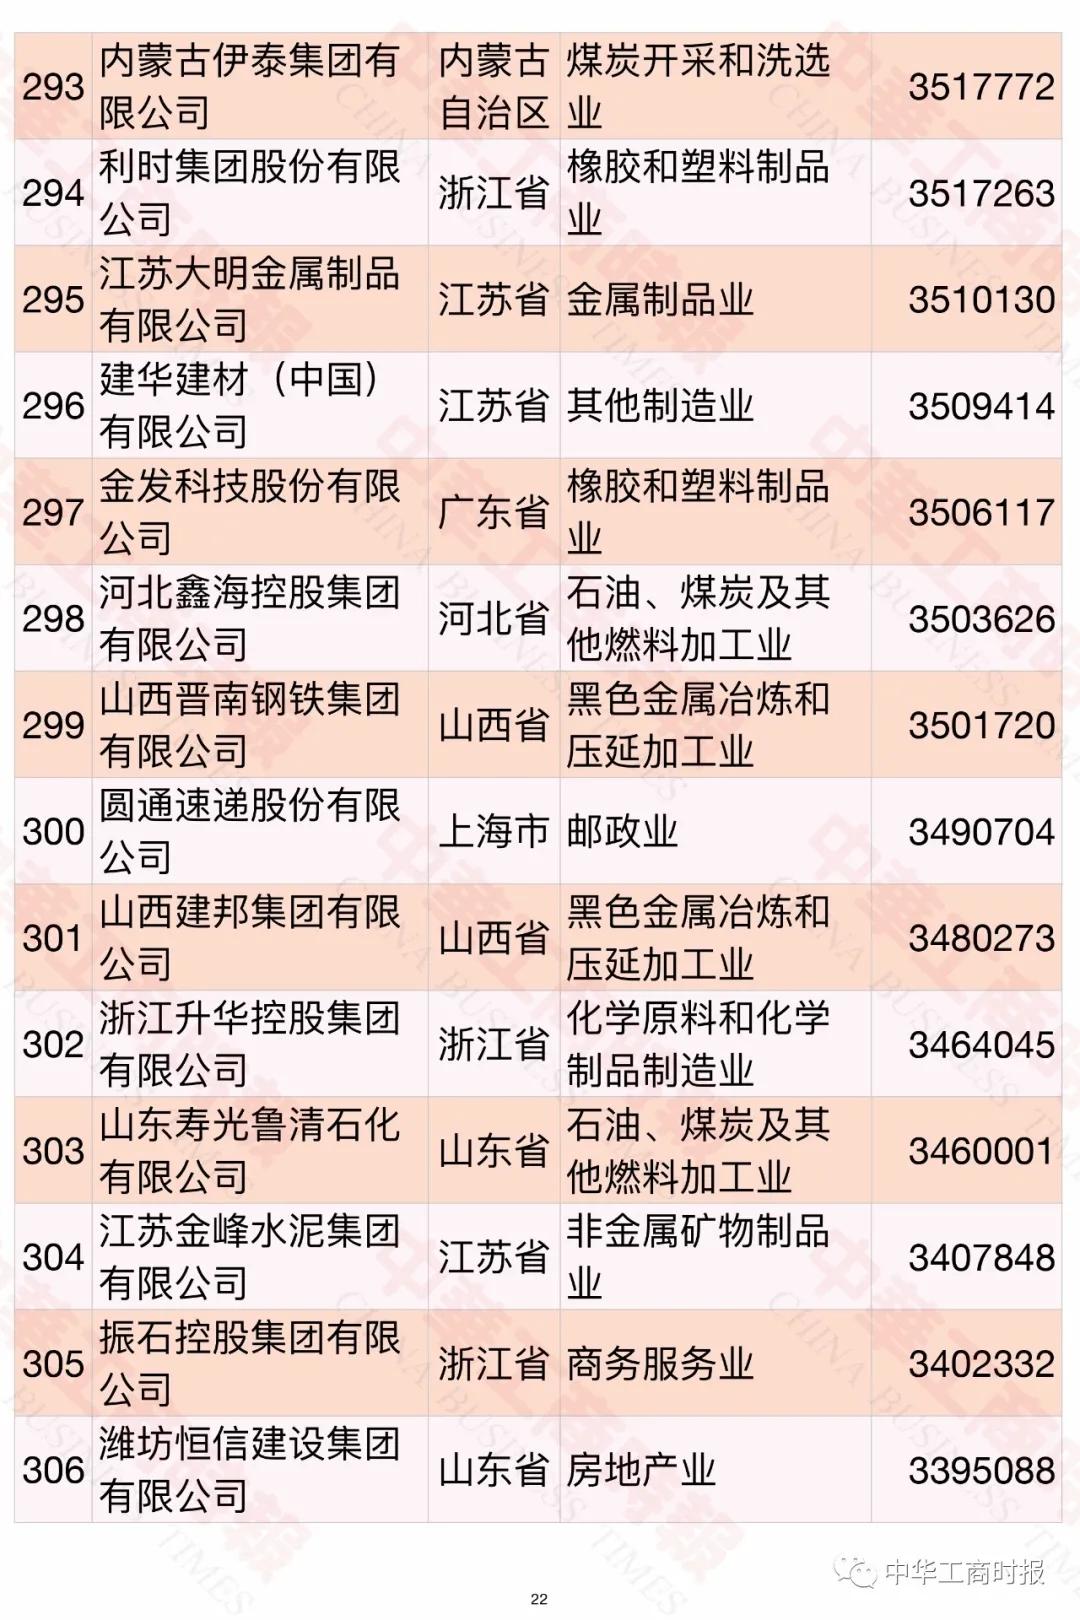 中国民营企业500强22.jpg